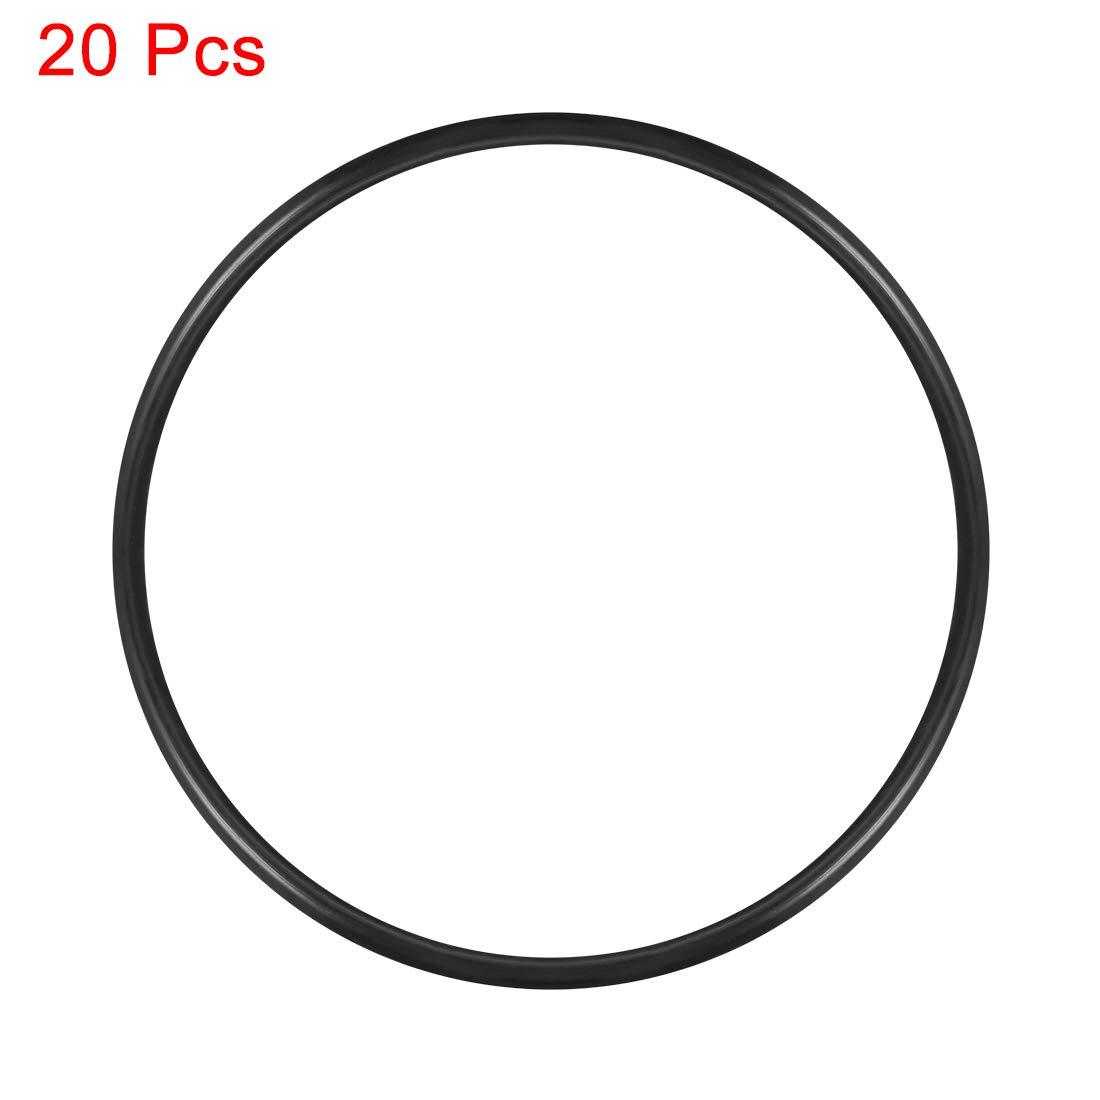 Sourcingmap junta de sellado de juntas t/óricas de goma de nitrilo 70.2 mm-130.2 mm de di/ámetro 80.2mmx85mmx2.4mm